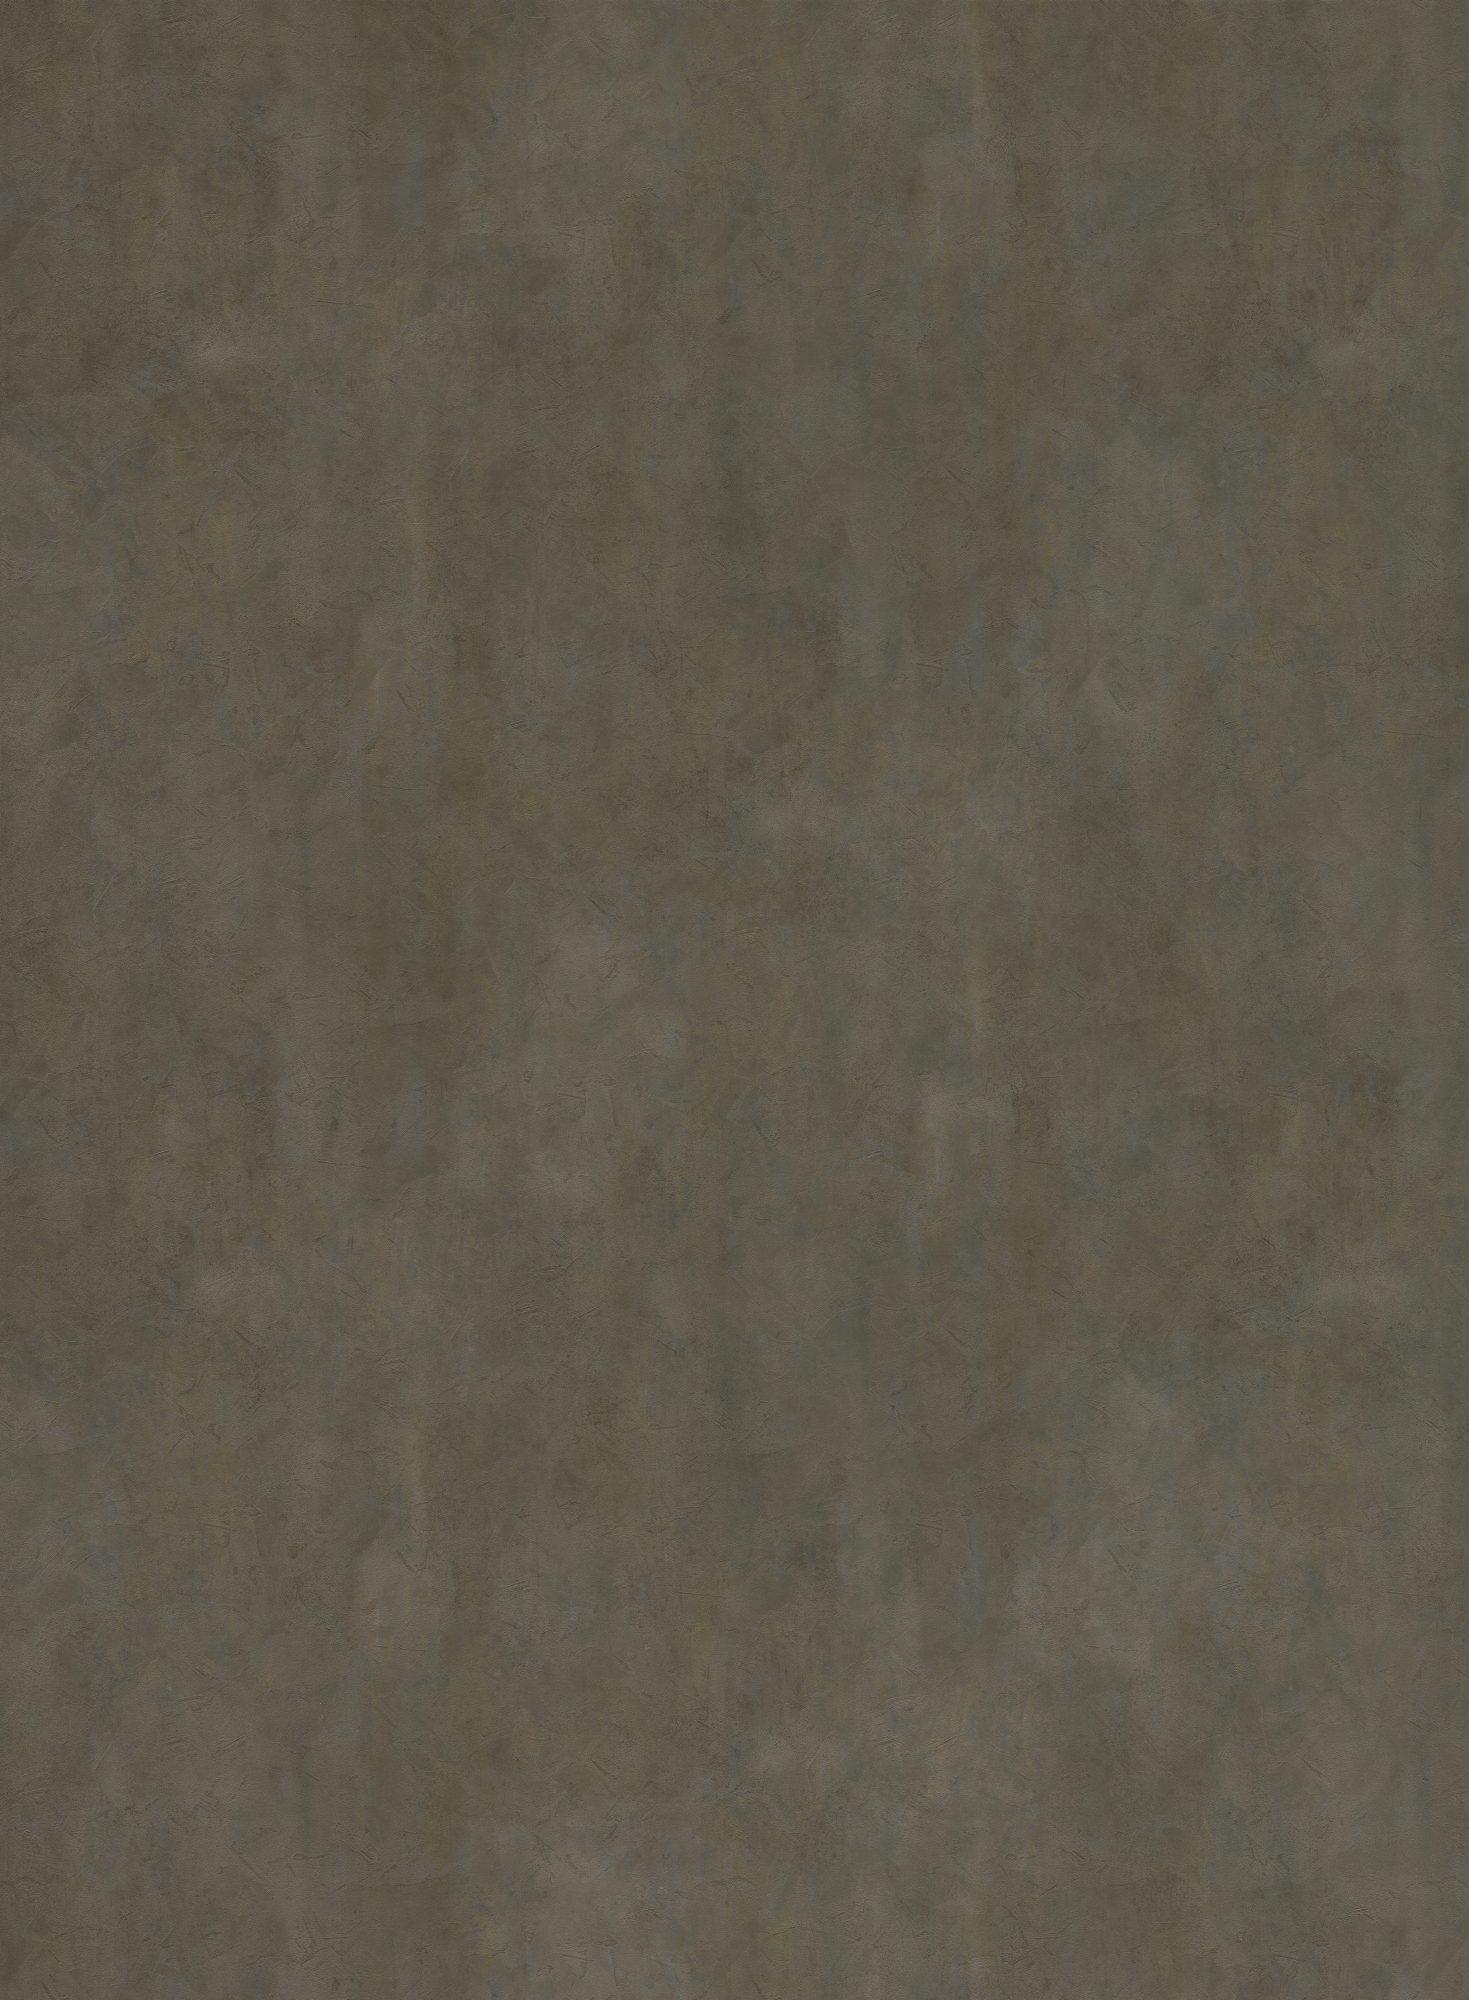 DecoLegno CLEAF, FB47 Ares, hele plaat afb. 2800x2070m/Tekenprogramma